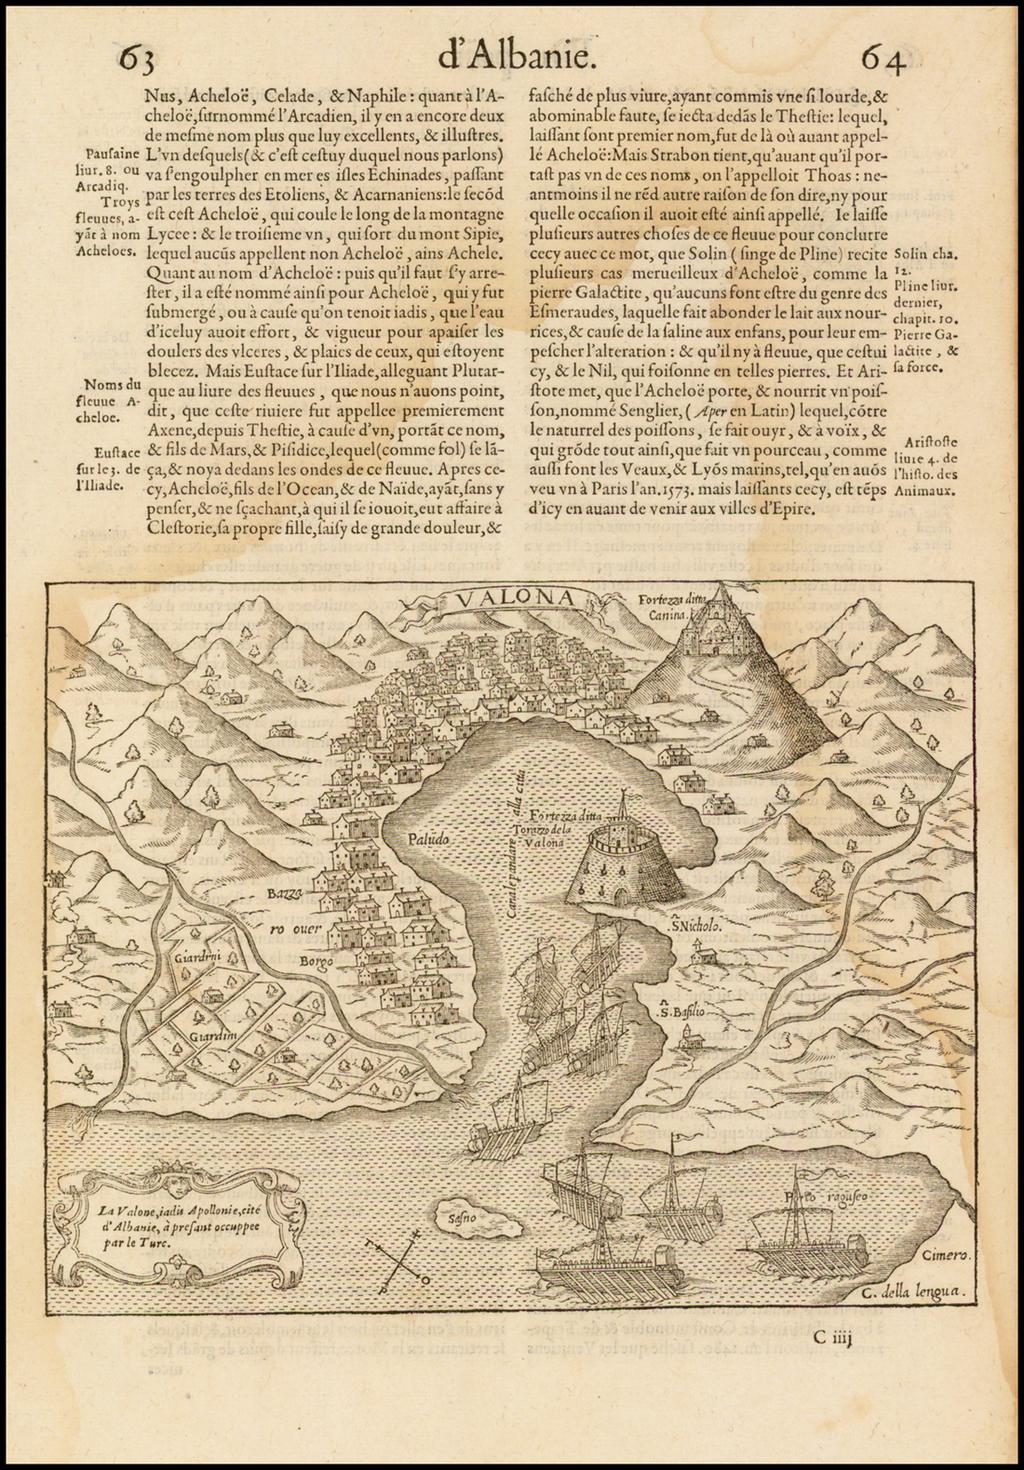 (Vlore, Albania) La Valone, iadis Apollonie, cite d'Albanie, a prefant occuppee par les Turc By Francois De Belleforest